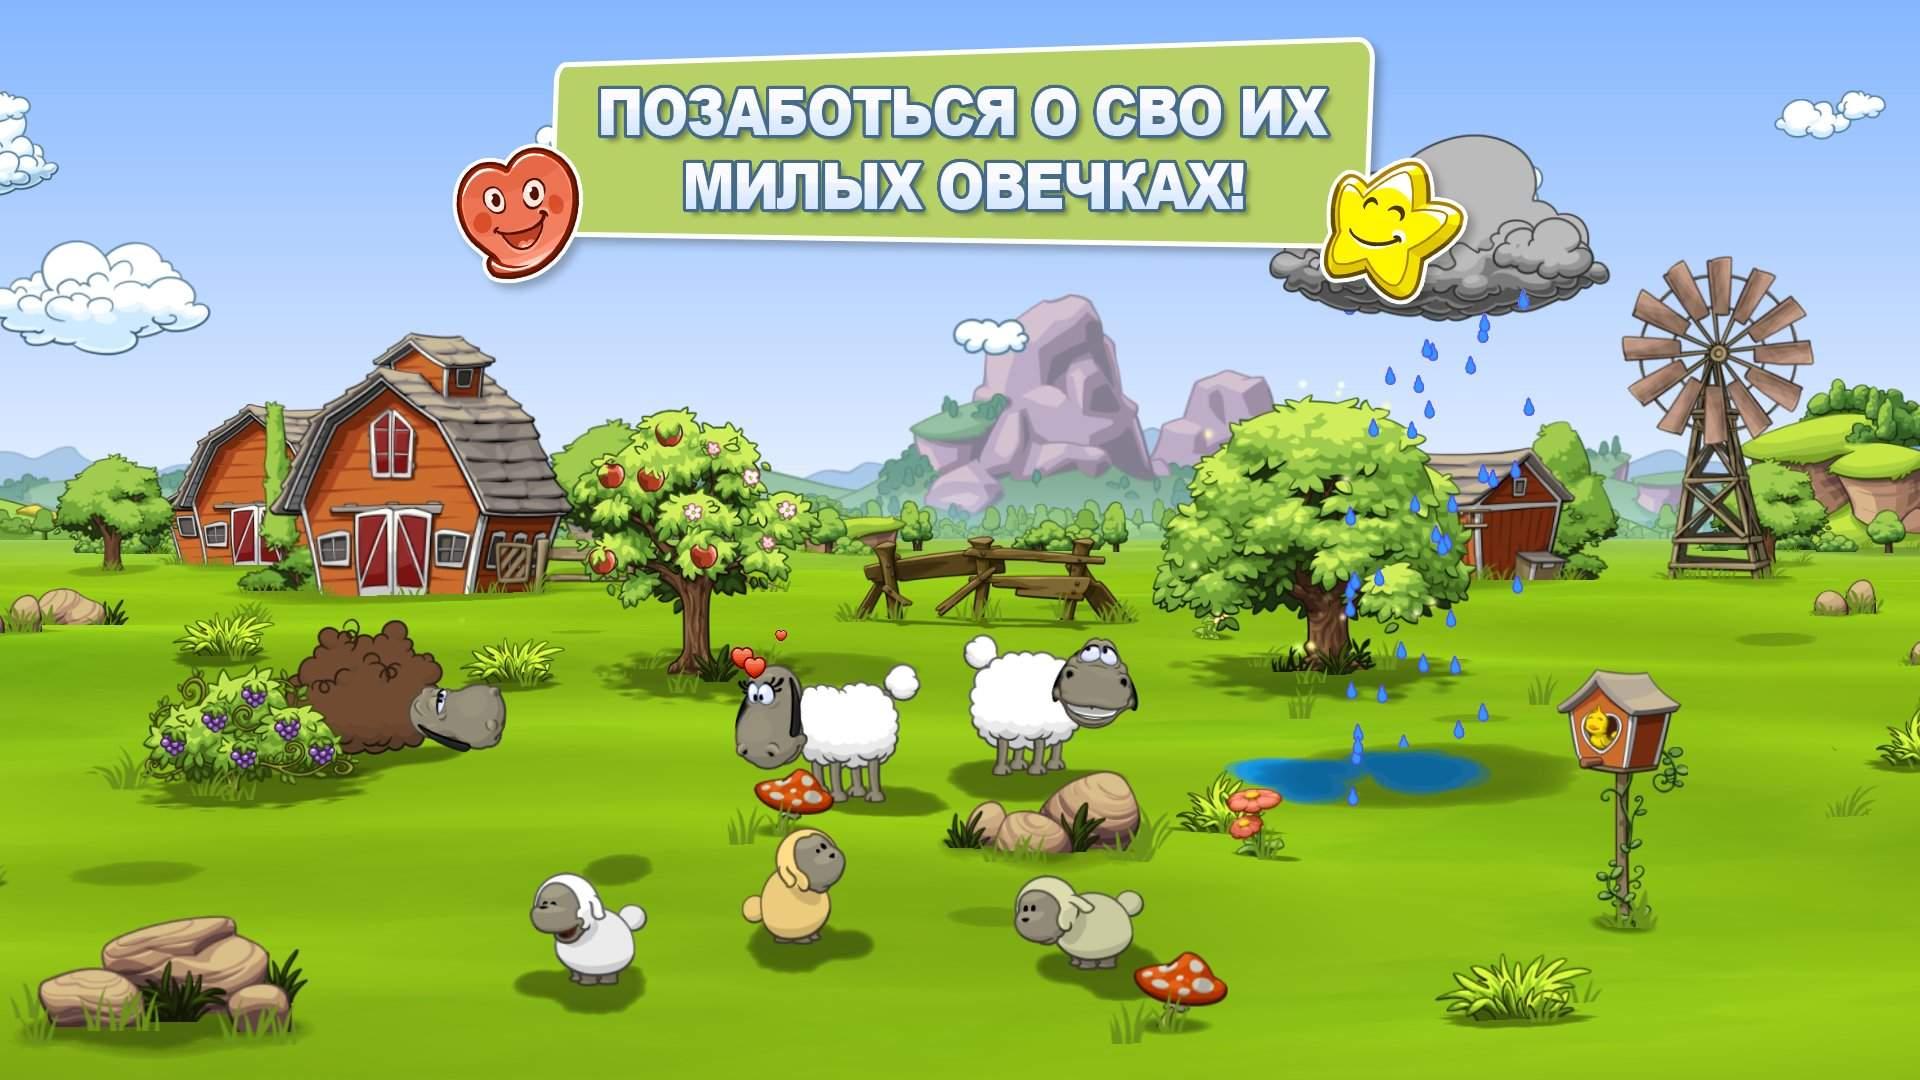 Трахни овечку игра онлайн бесплатно 8 фотография